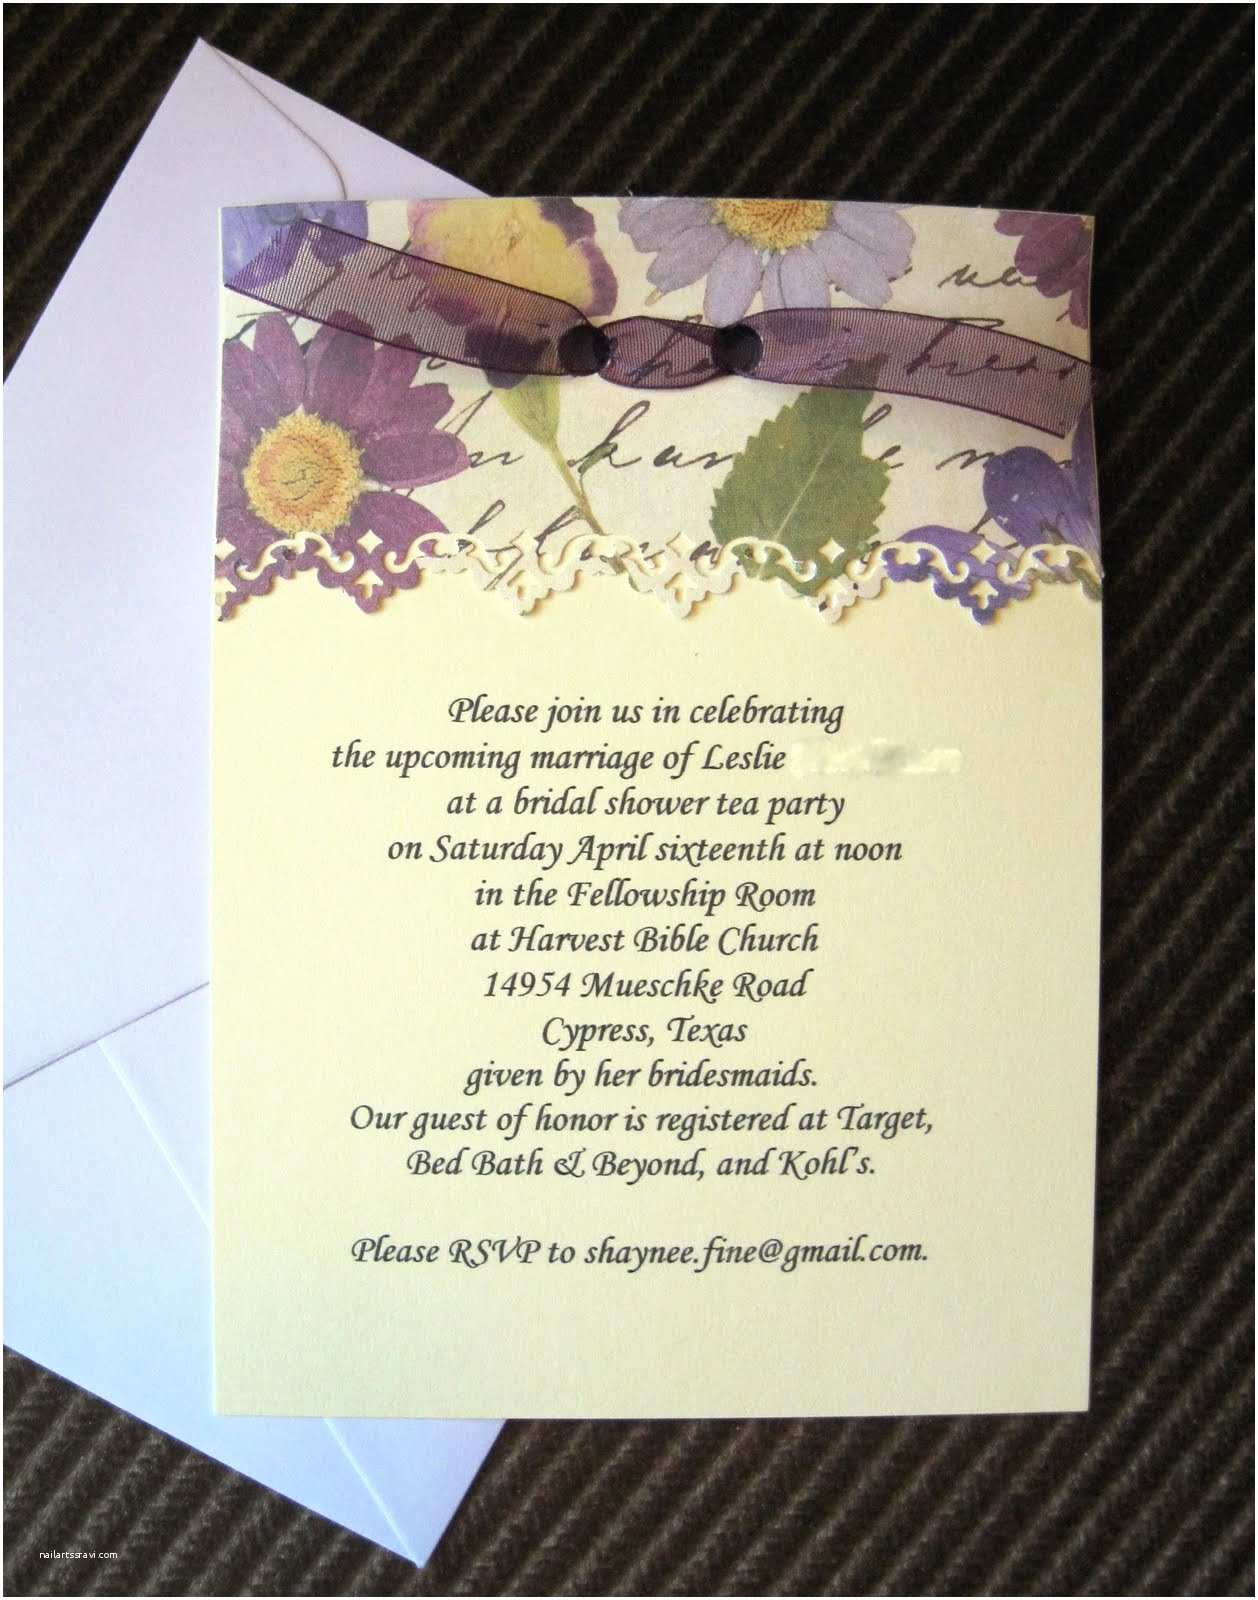 Martha Stewart Wedding Invitations Bridal Shower Invitation Wording Martha Stewart Show with